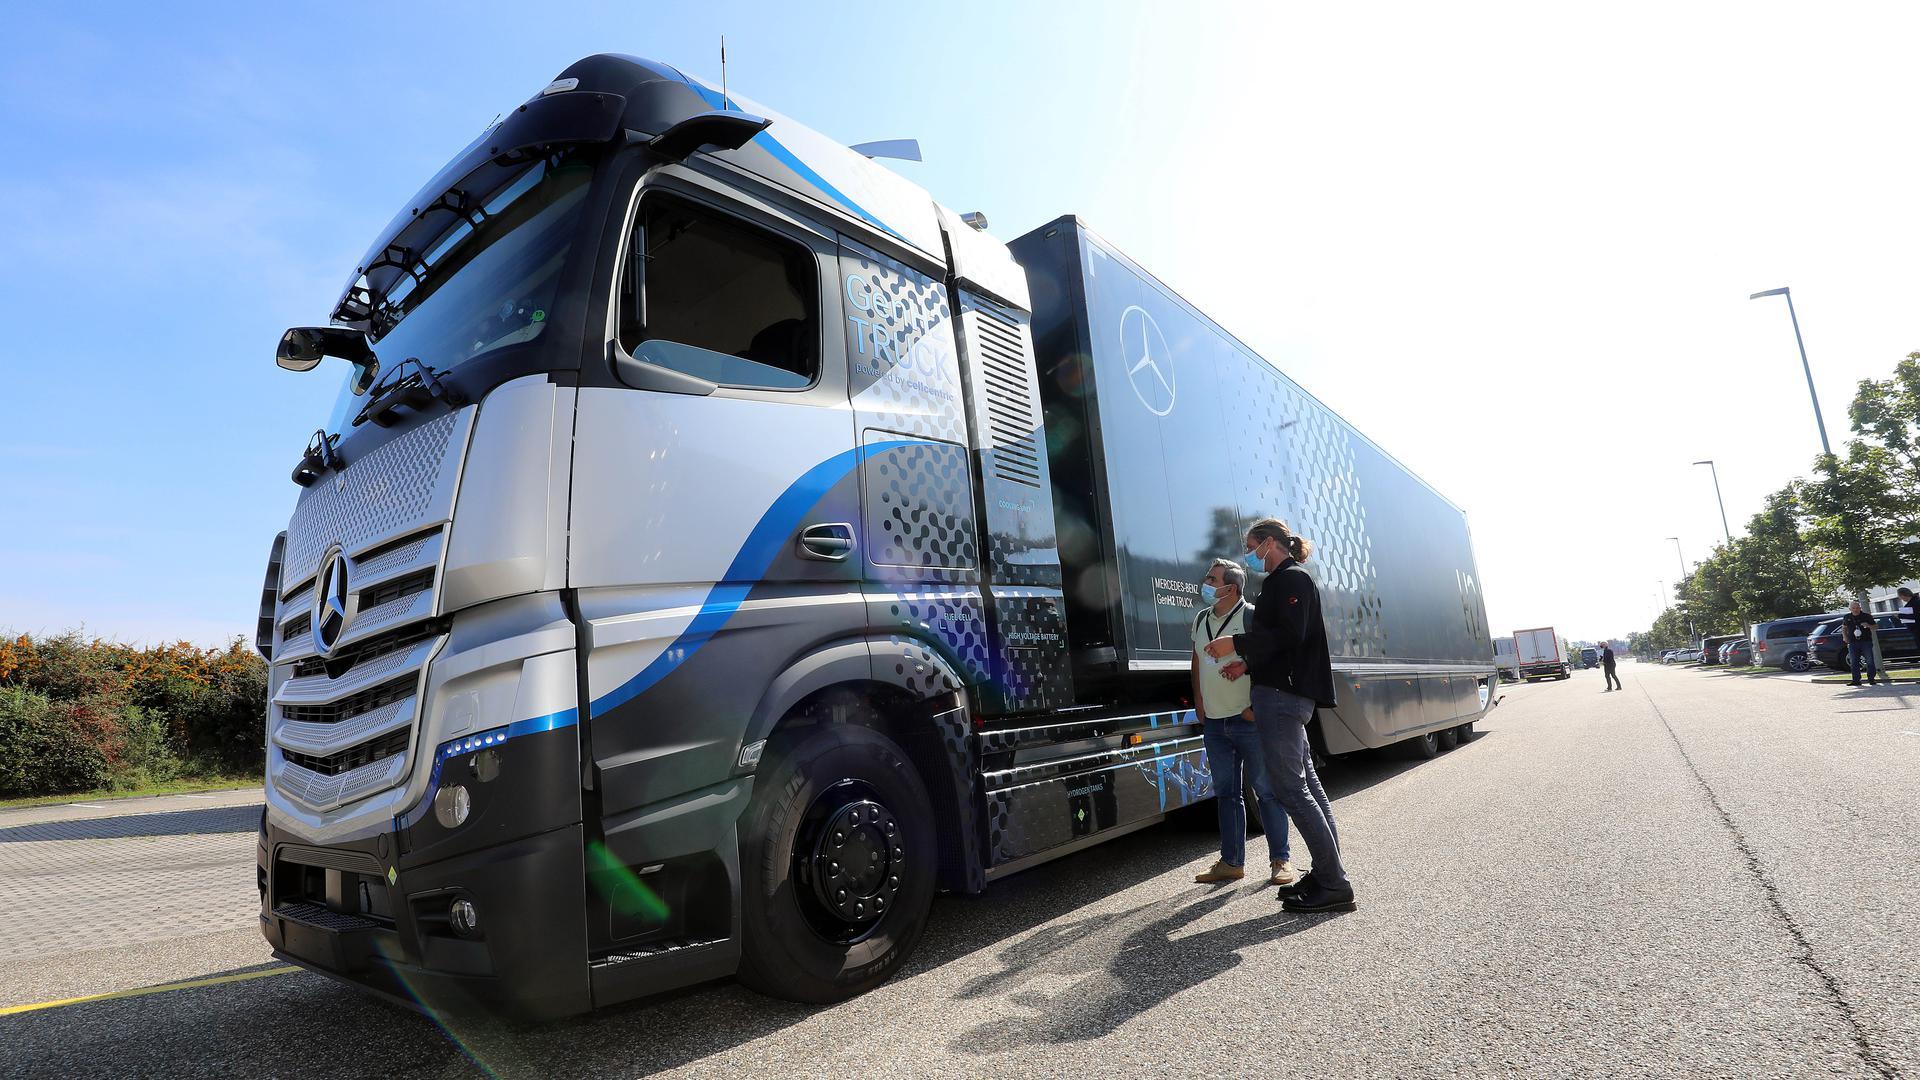 © Jodo-Foto /  Joerg  Donecker//  21.09.2021 Mercedes Trucks / Shaping the Now & Next, Foto: Vorstellung GenH2 / Wasserstoff-Truck/                               -Copyright - Jodo-Foto /  Joerg  Donecker Sonnenbergstr.4  D-76228 KARLSRUHE TEL:  0049 (0) 721-9473285 FAX:  0049 (0) 721 4903368  Mobil: 0049 (0) 172 7238737 E-Mail:  joerg.donecker@t-online.de Sparkasse Karlsruhe  IBAN: DE12 6605 0101 0010 0395 50, BIC: KARSDE66XX Steuernummer 34140/28360 Veroeffentlichung nur gegen Honorar nach MFM zzgl. ges. Mwst.  , Belegexemplar und Namensnennung. Es gelten meine AGB.